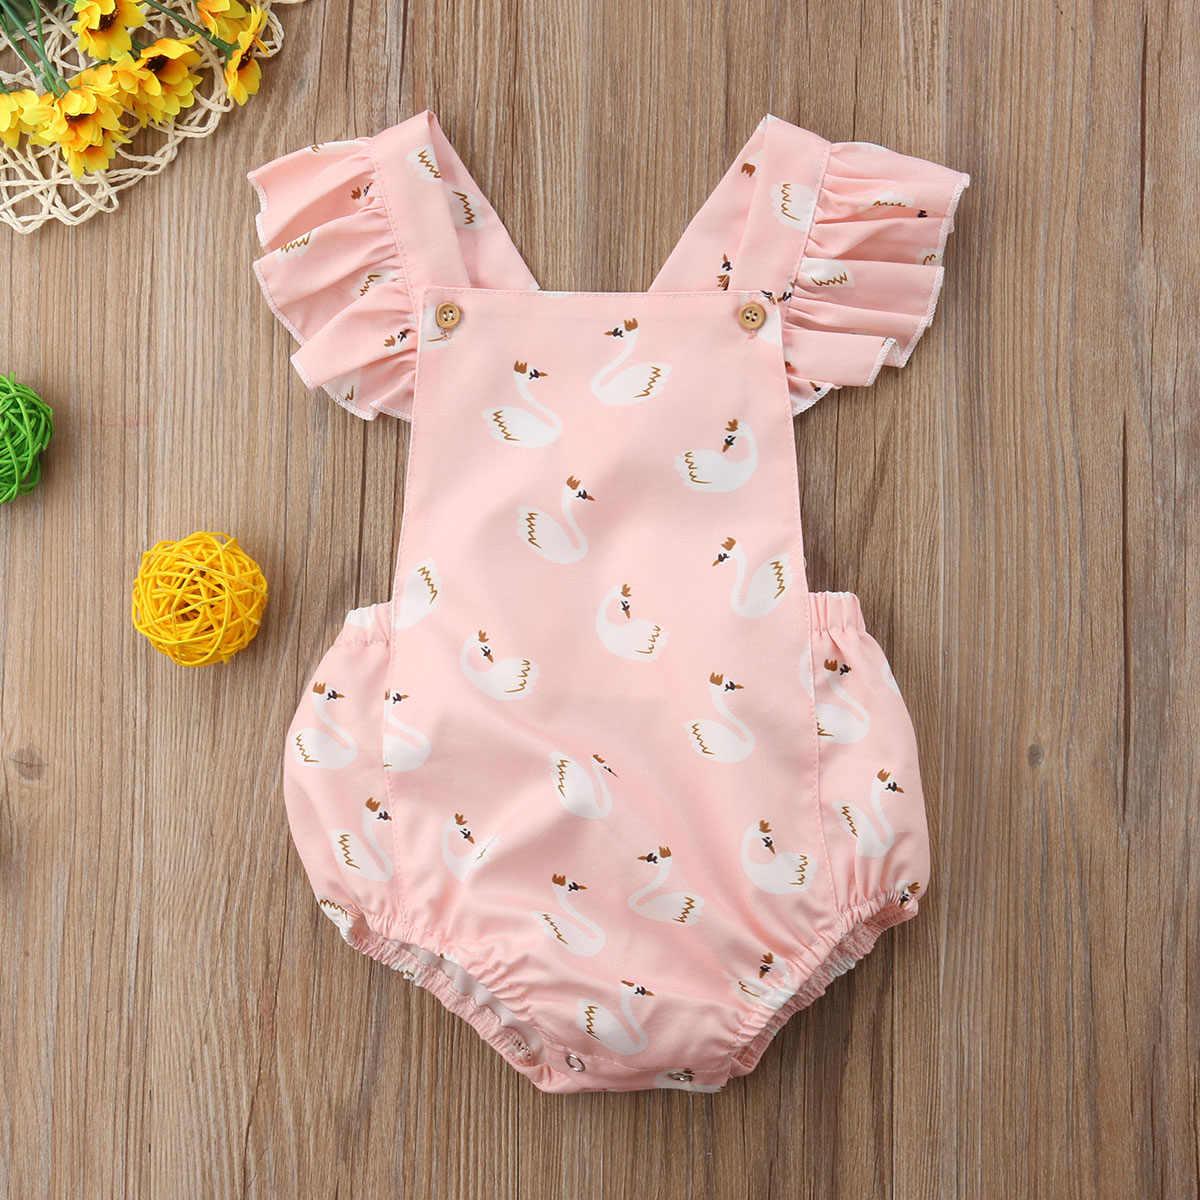 유아 아기 소녀 여름 사랑스러운 예쁜 romper 0-3y 짧은 꽃잎 슬리브 만화 동물 인쇄 핑크 jumpsuits romper 아기 옷